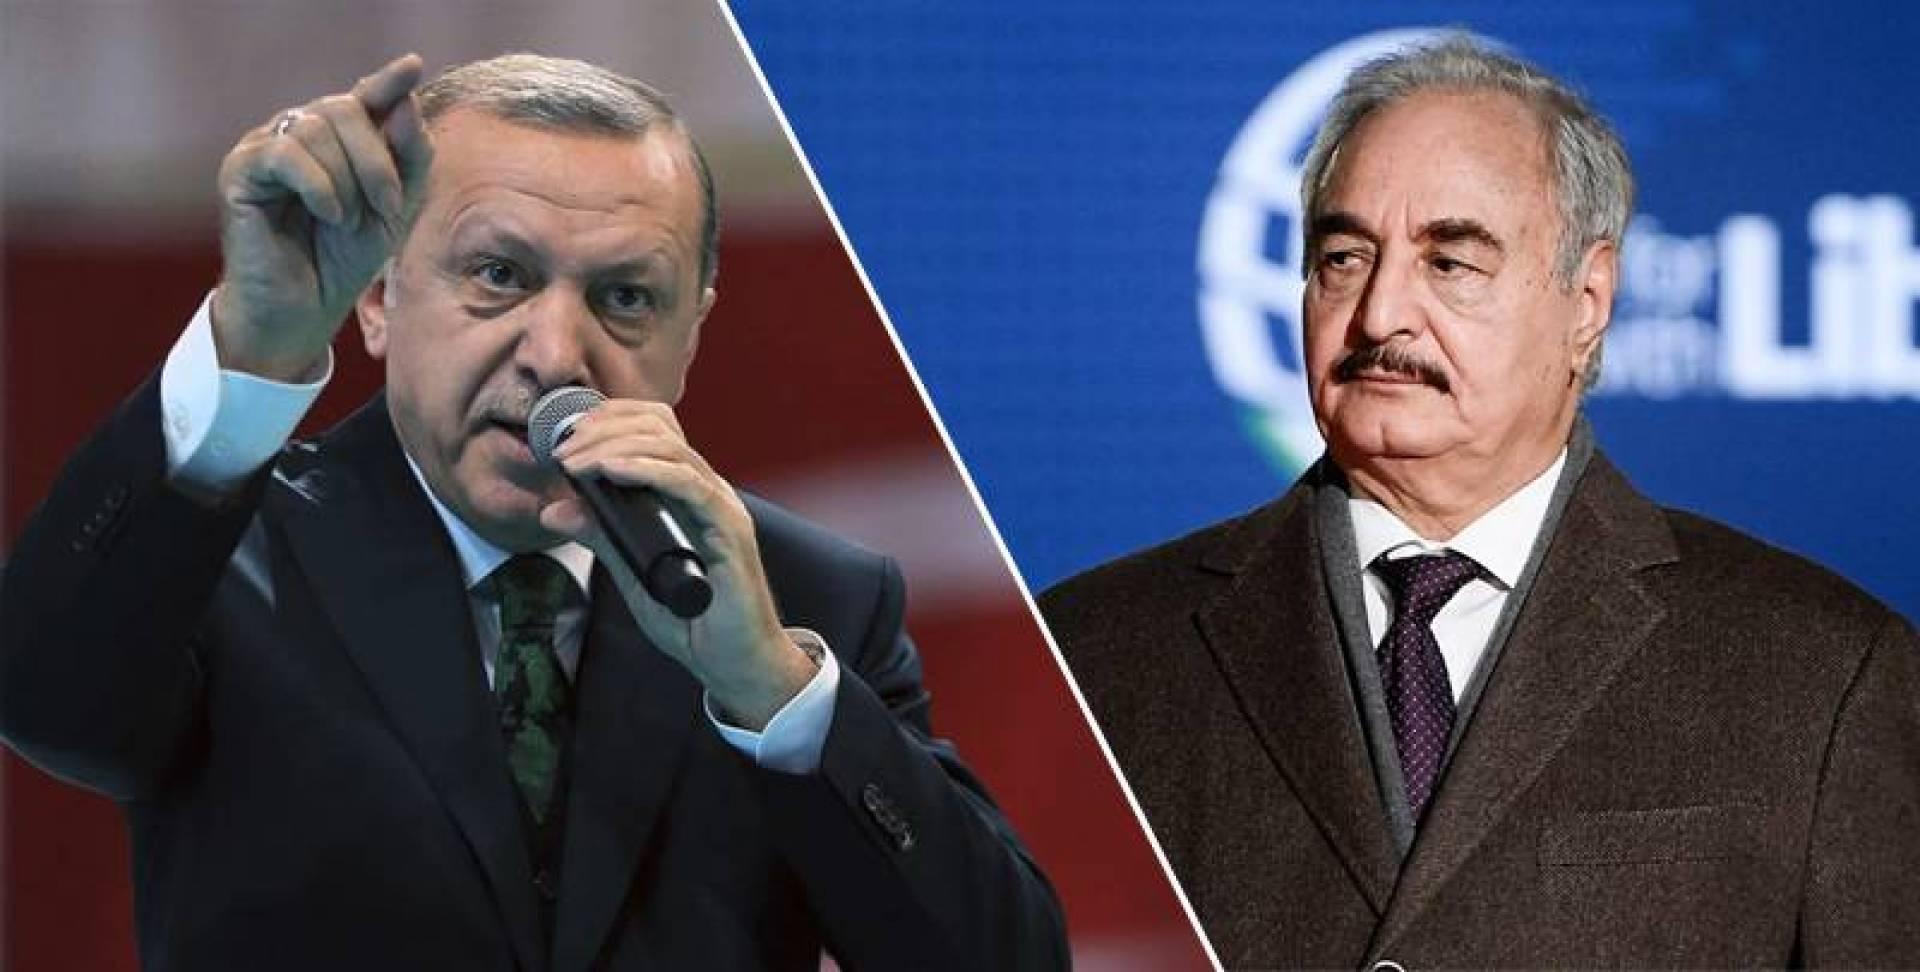 محادثات موسكو الليبية تفشل.. وأردوغان يتوعد حفتر